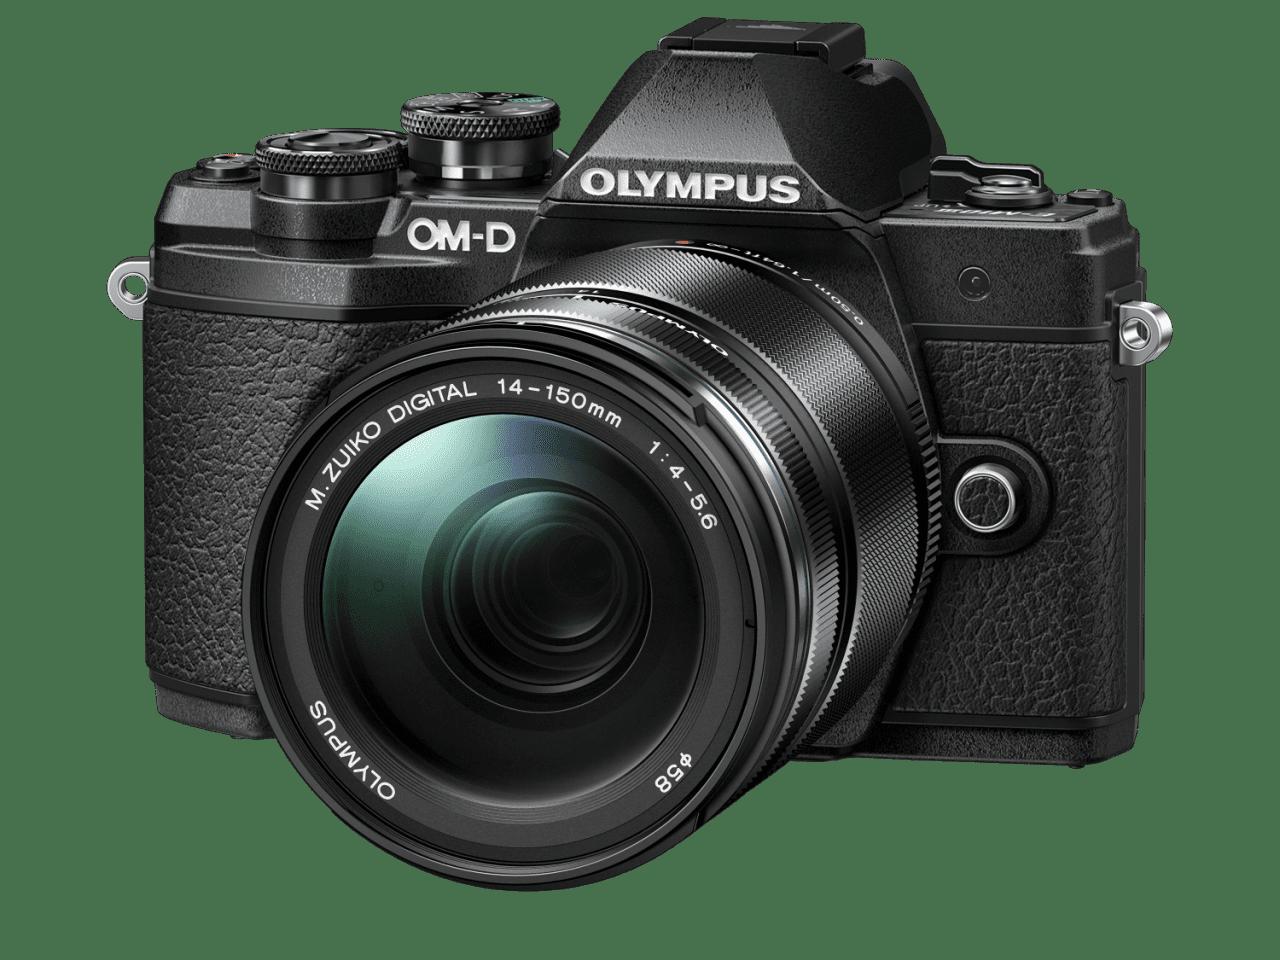 Olympus E-M10 Mark III Black + 14-150mm Black Kit - Olympus 9.01.03.03.121